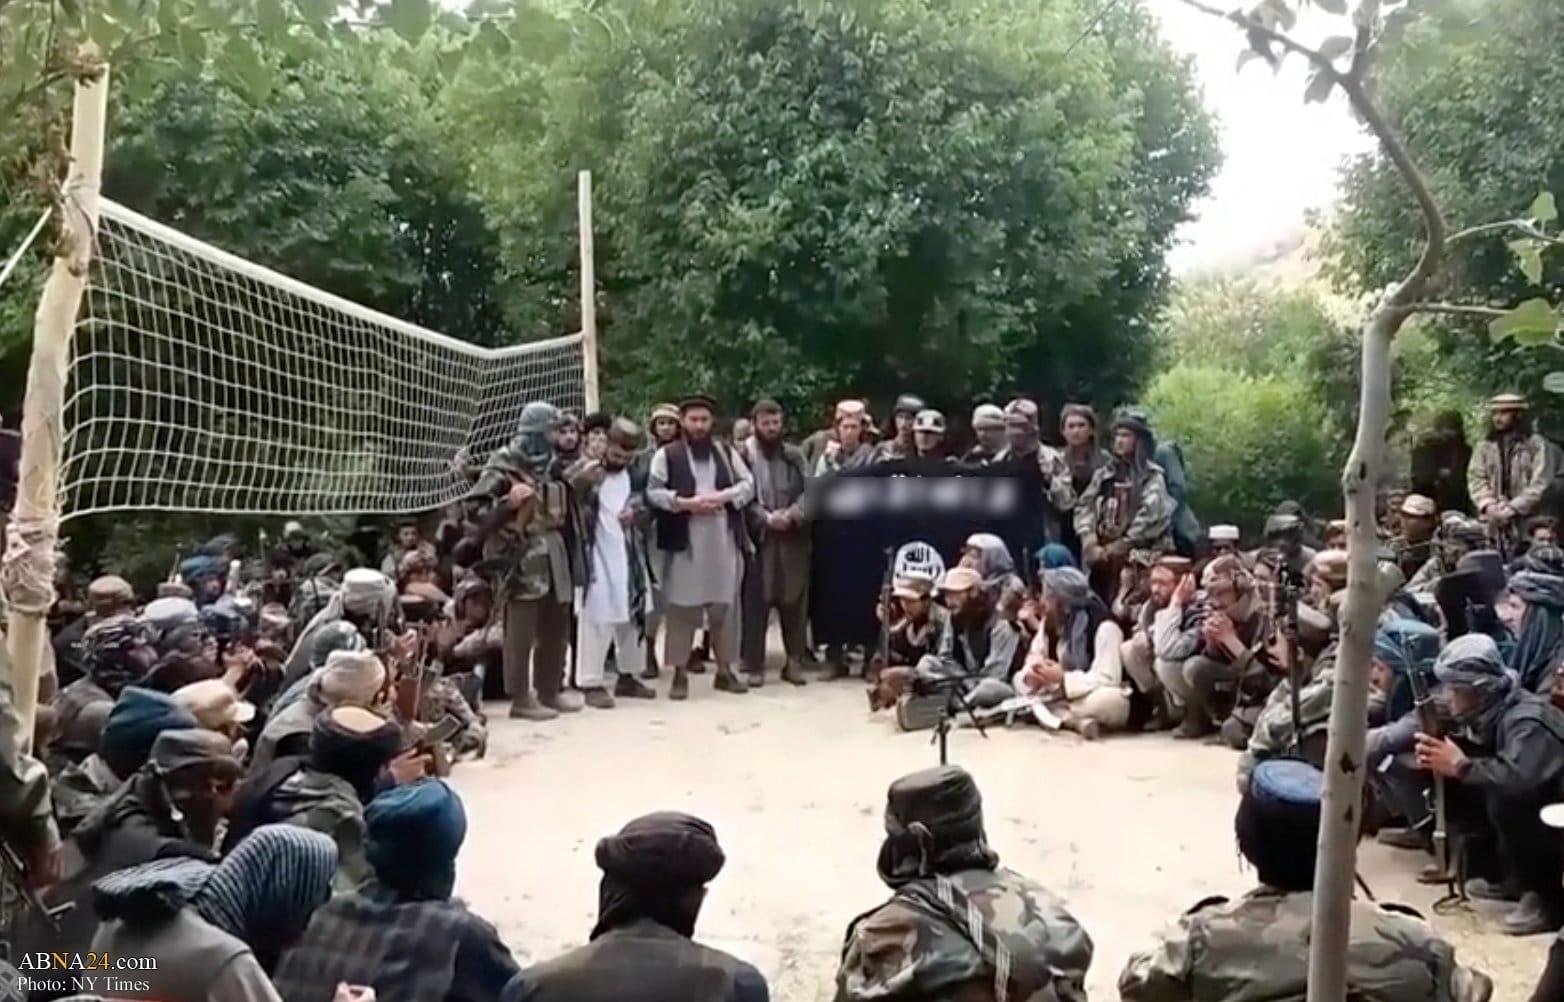 آیا داعش بازگشته یا آن را به افغانستان بازگرداندهاند؟